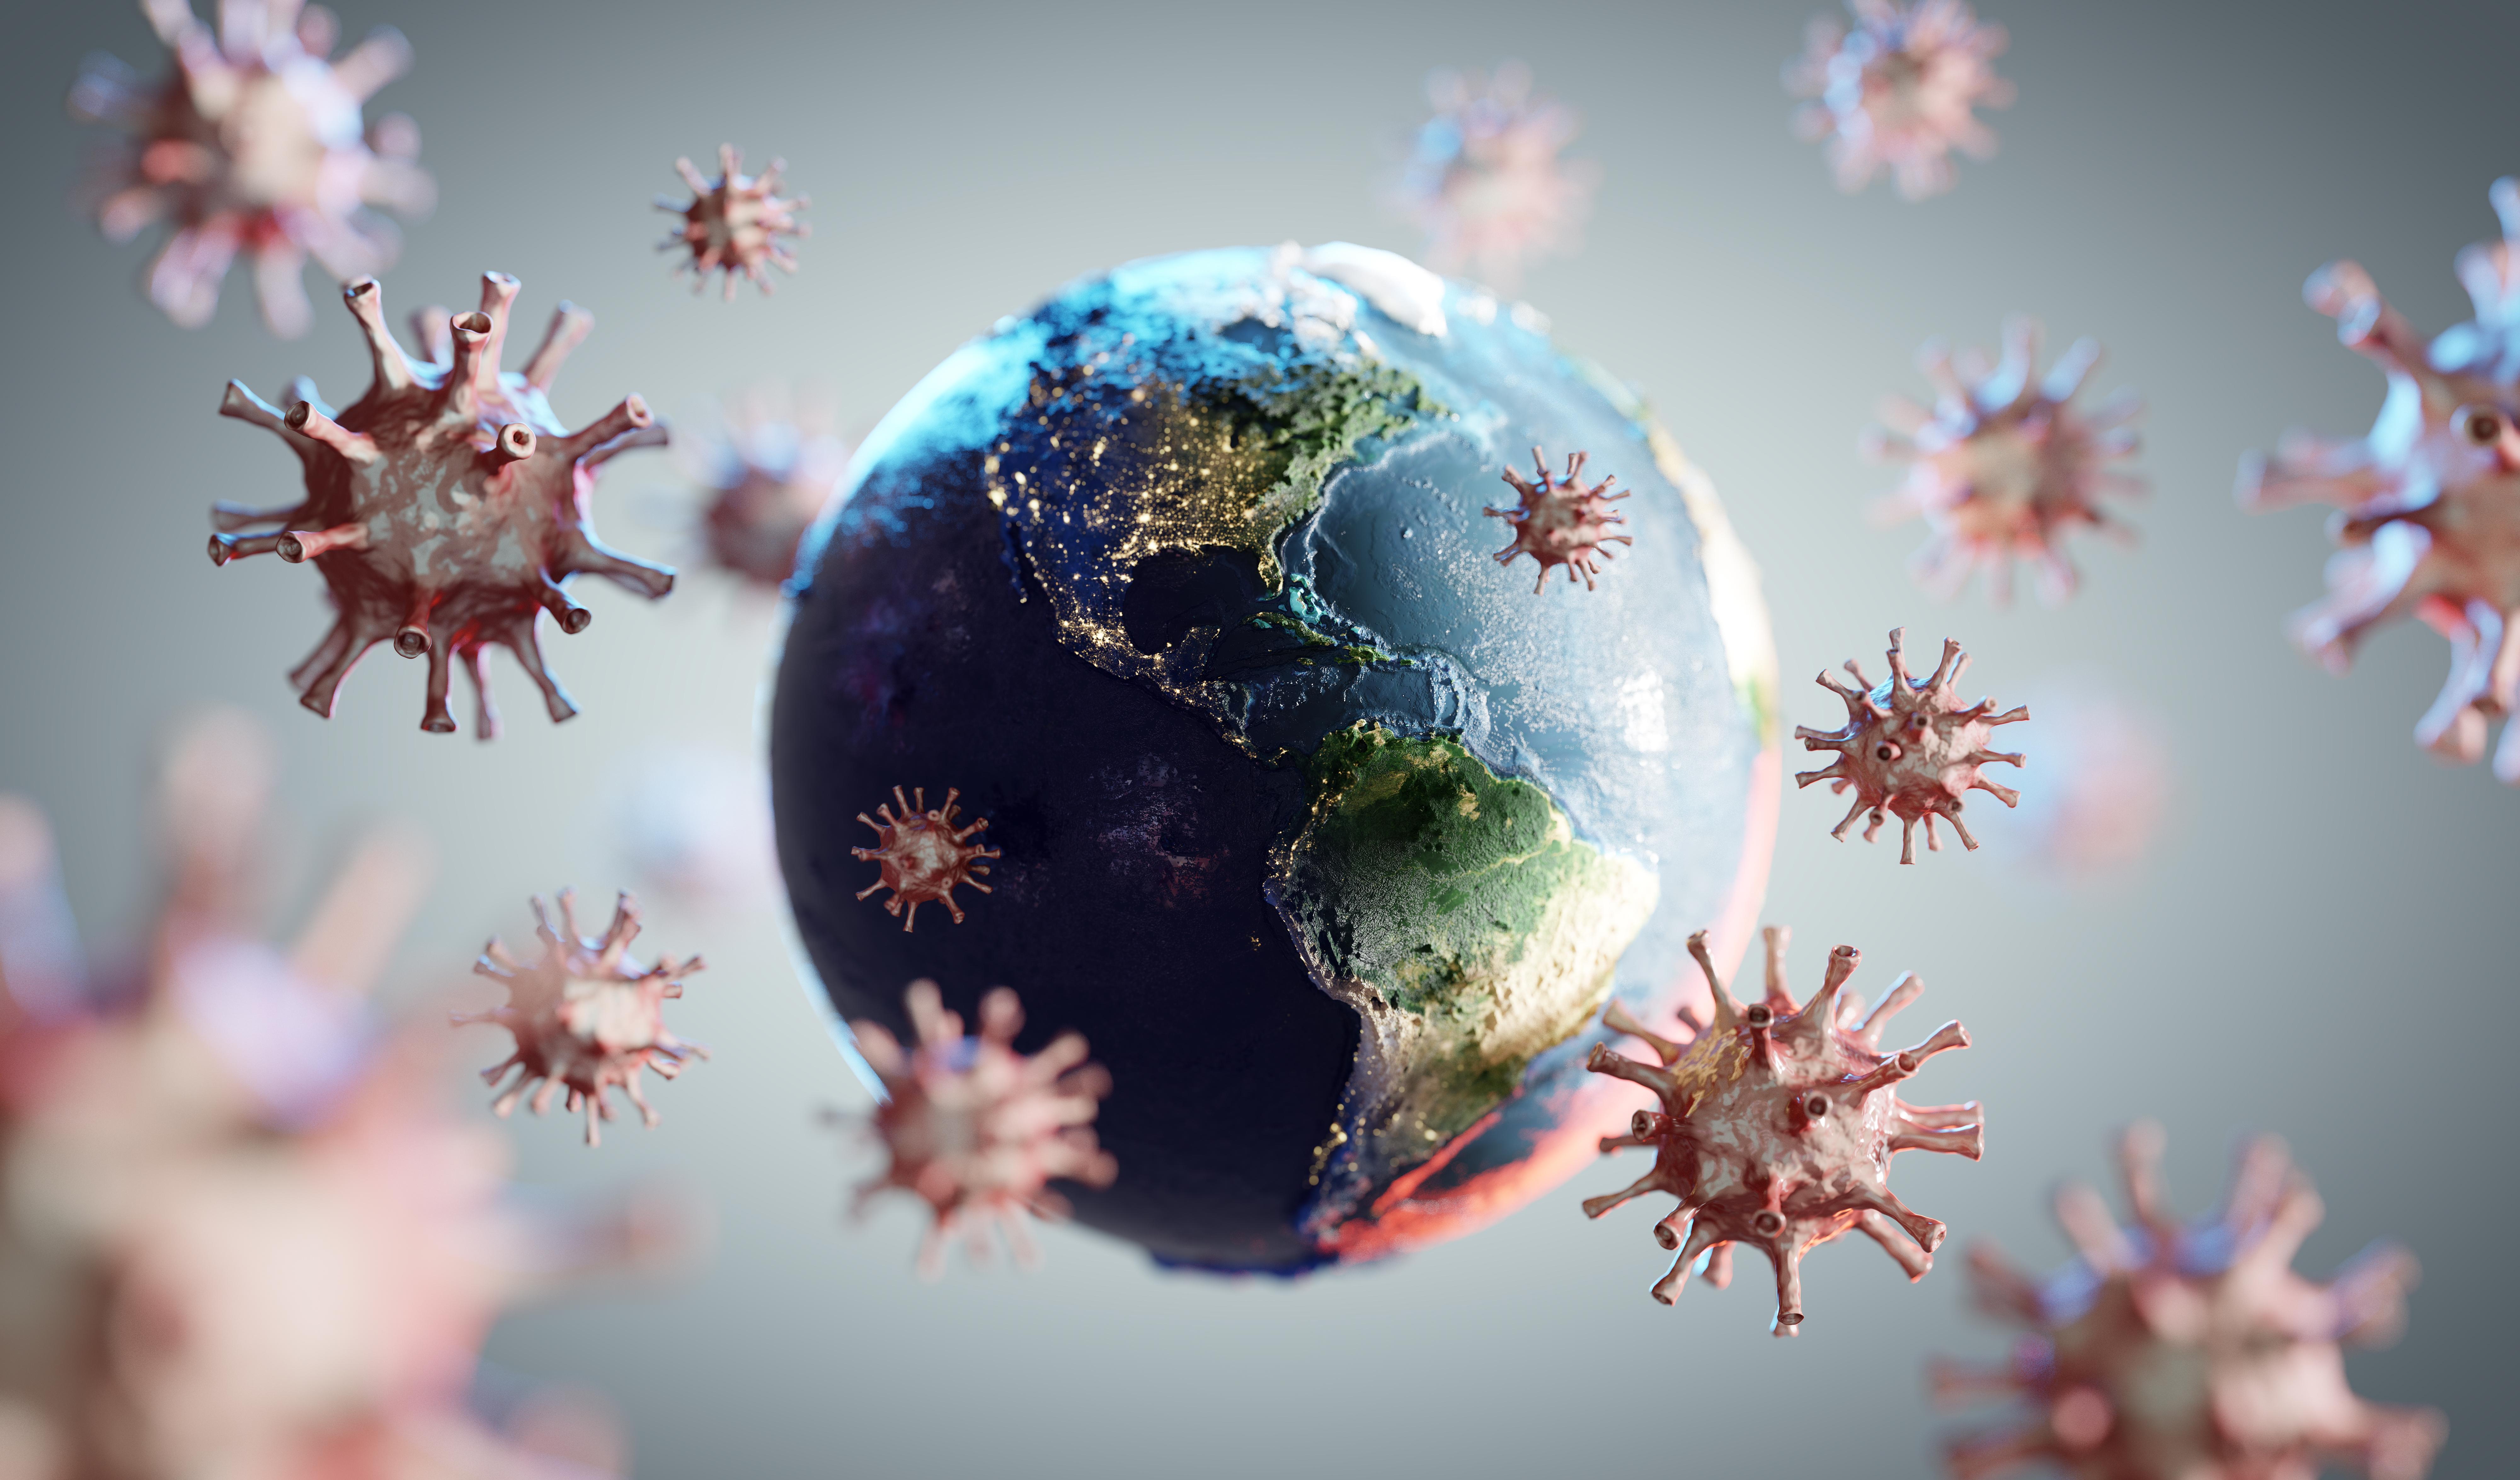 世界衛生組織(WHO)在6月18日表示,Delta正成為全球主要的變種病毒株。